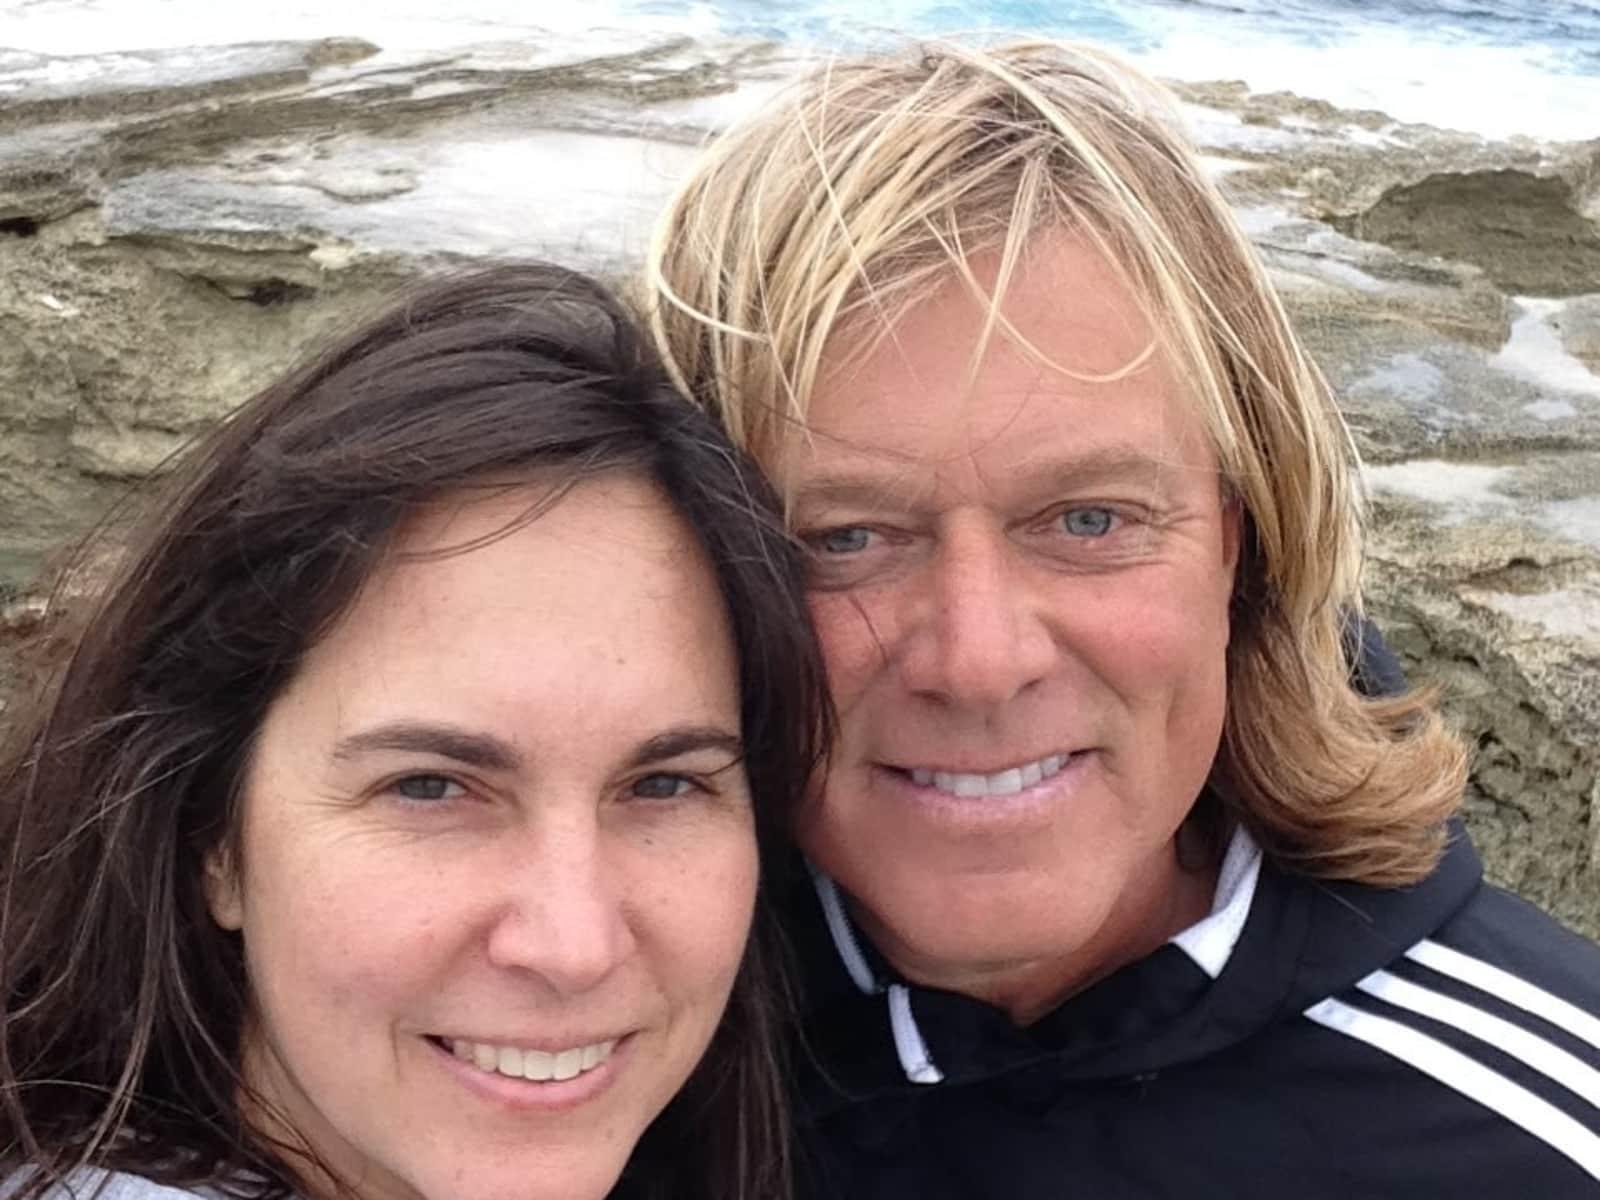 Sarah & Scott from Majadahonda, Spain